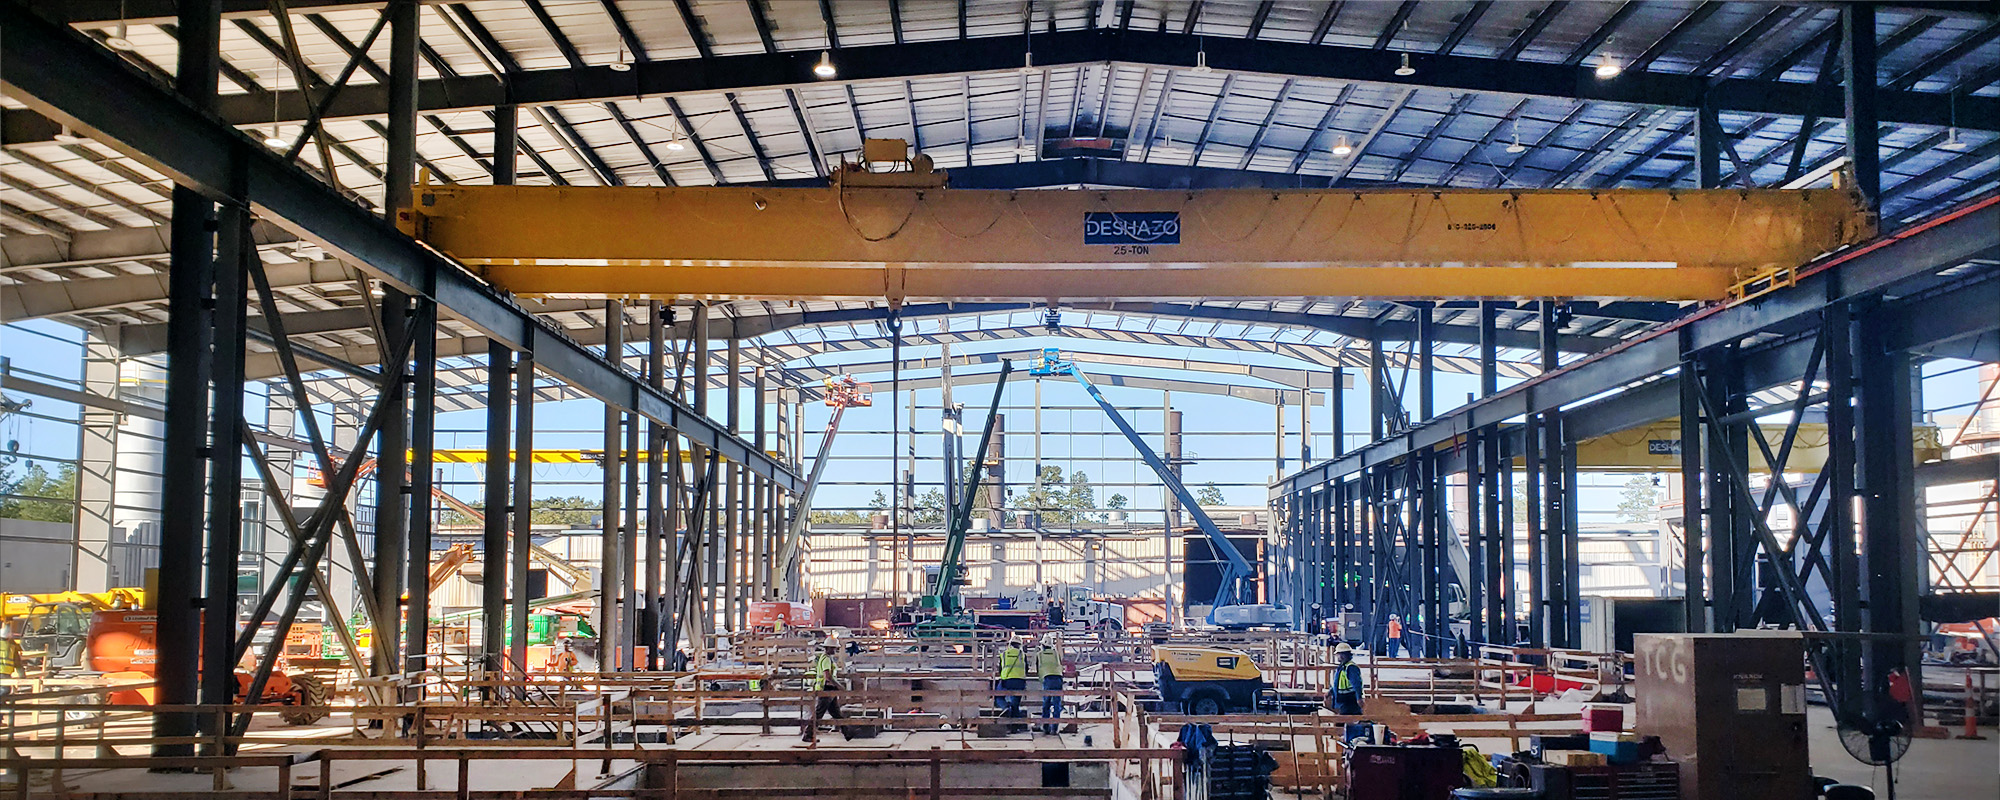 JW Aluminum Expansion Goose Creek South Carolina